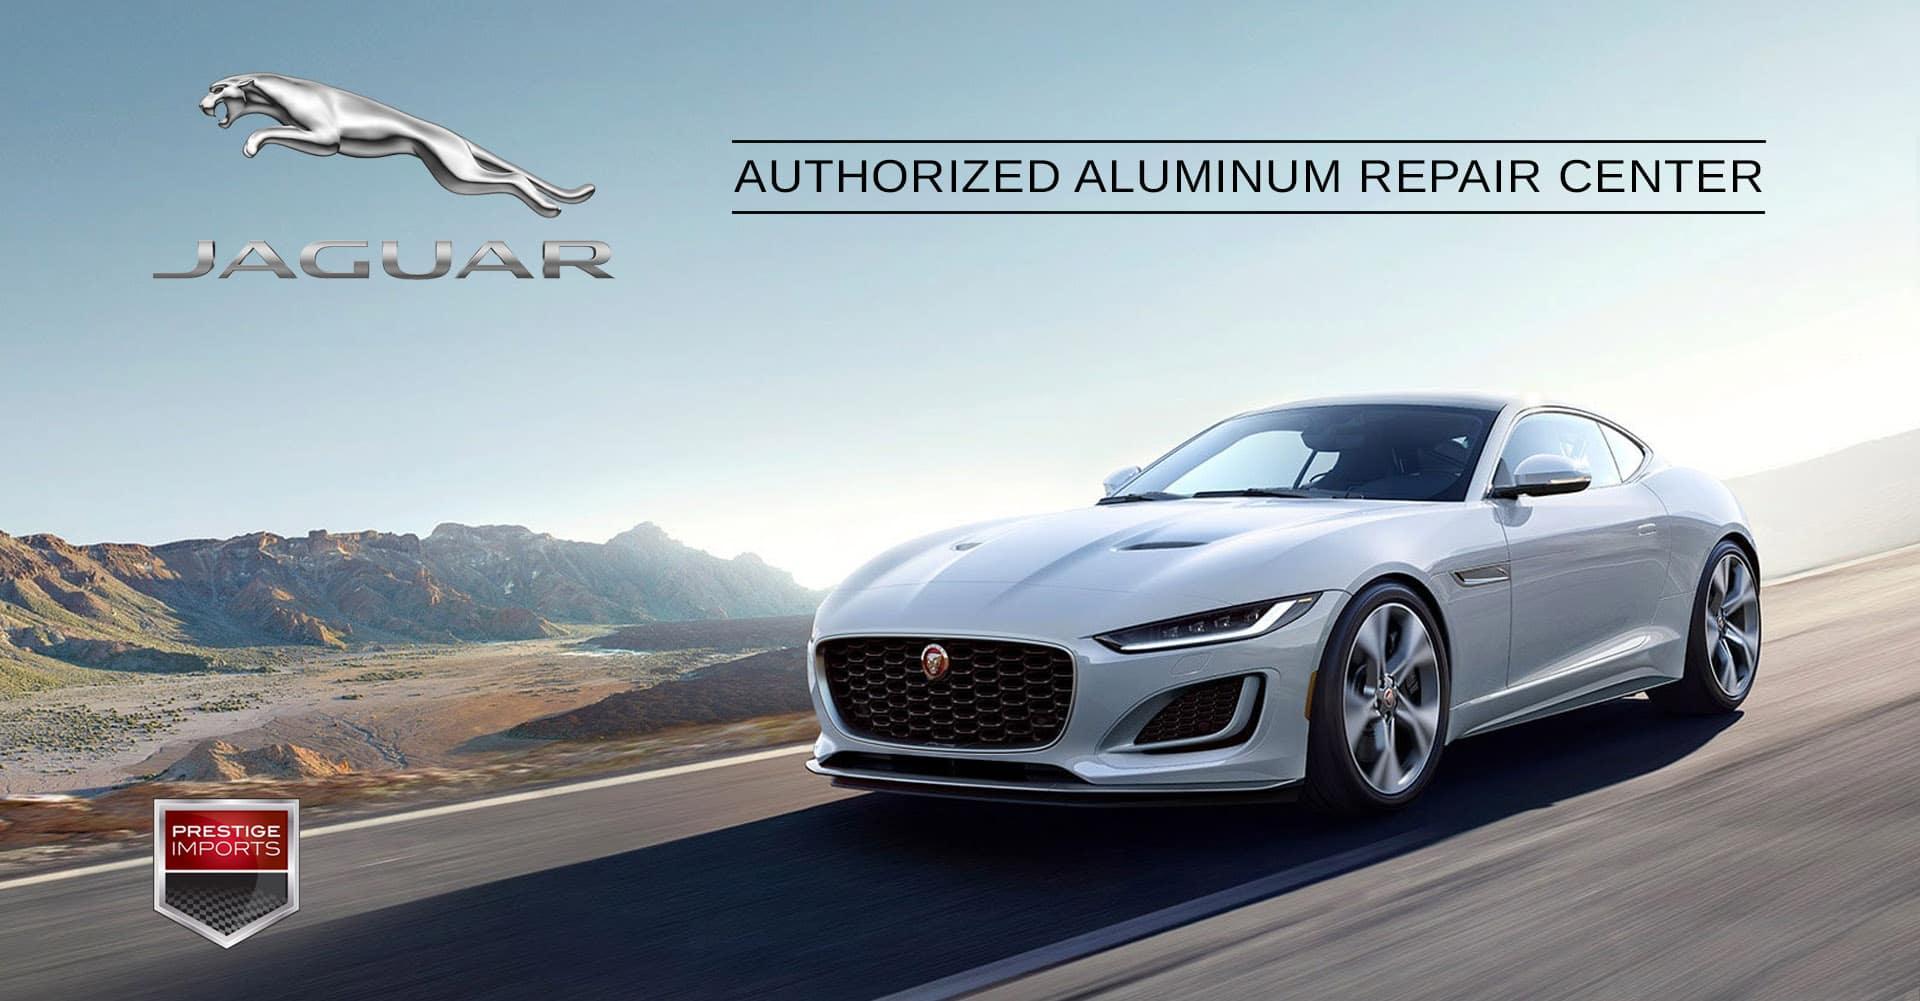 Authorized Jaguar Body Shop in Denver, CO